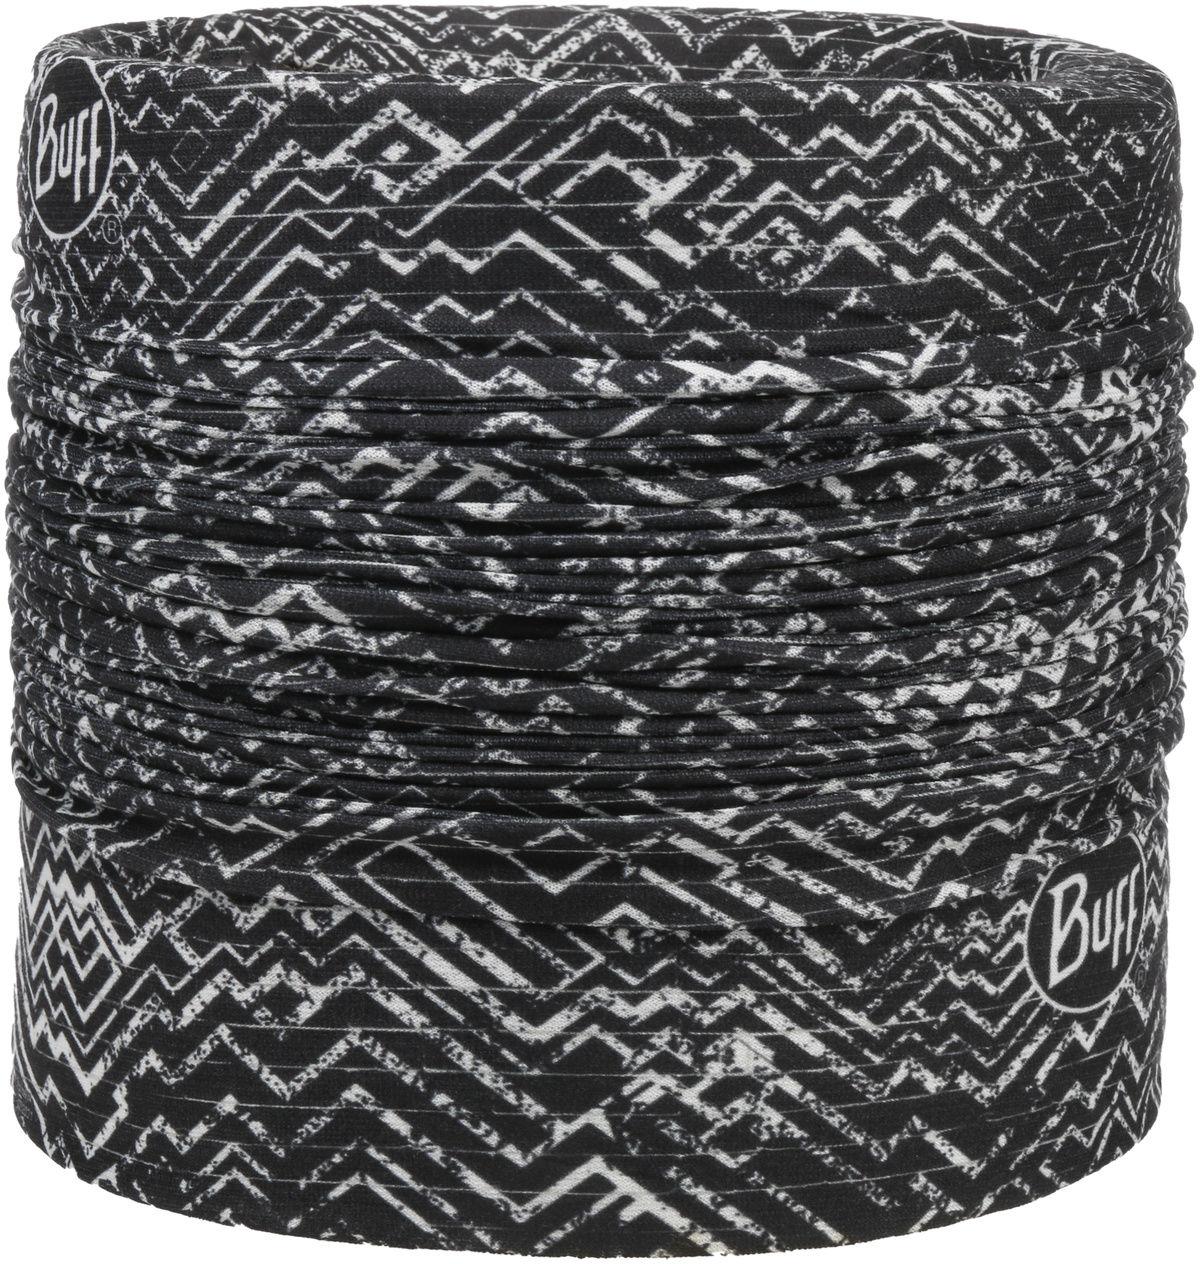 Chustka Wielozadaniowa Coolnet UV+ Boult by BUFF, czarny, One Size